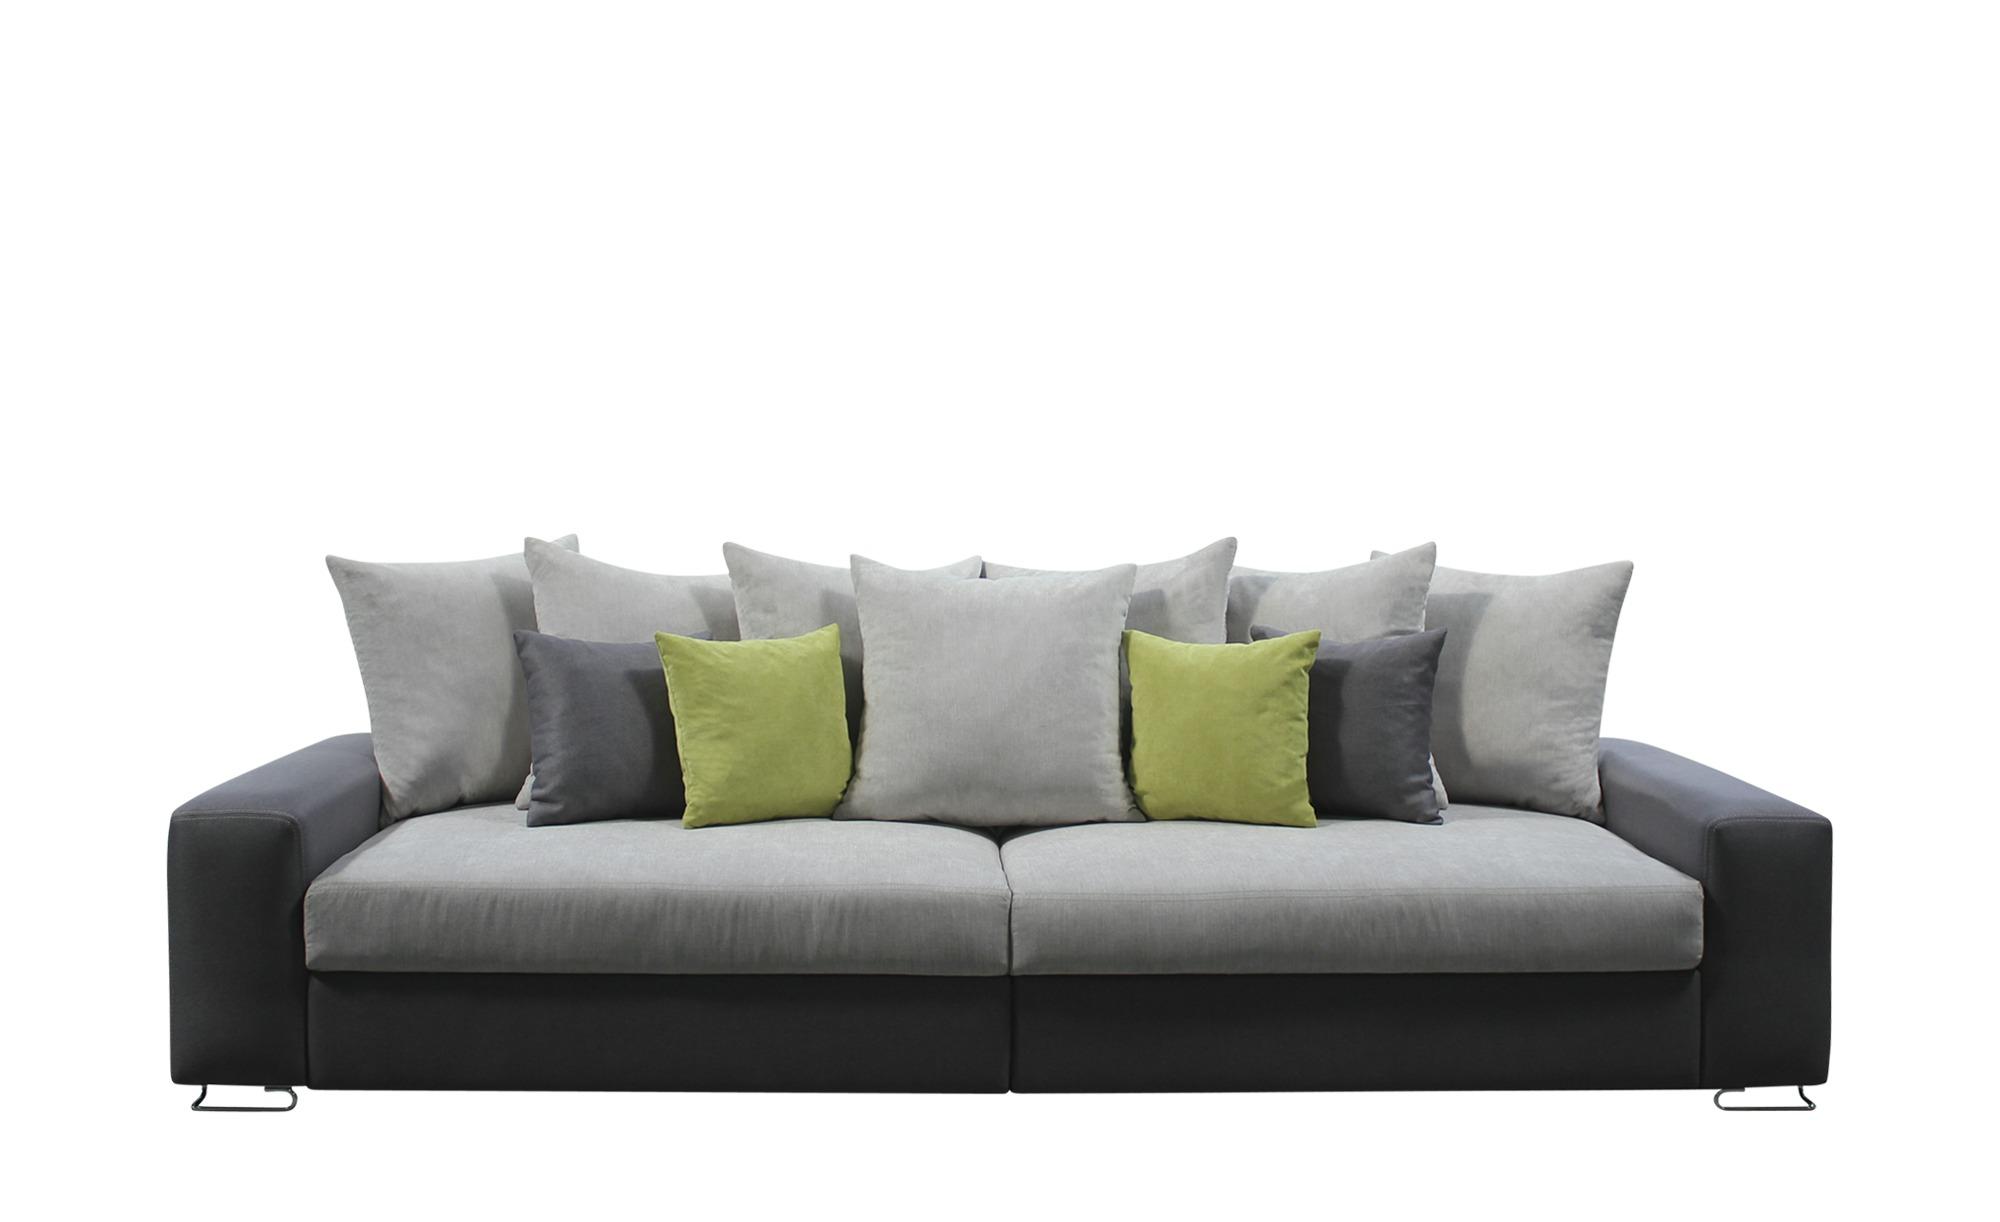 Full Size of Couch Ratenkauf Ganz Bequem Sicher Xxl Sofa Grau Günstig Kinderzimmer Rattan Garten Modernes 2er Englisch Arten Samt Big München Modulares Küche Billig Sofa Sofa Auf Raten